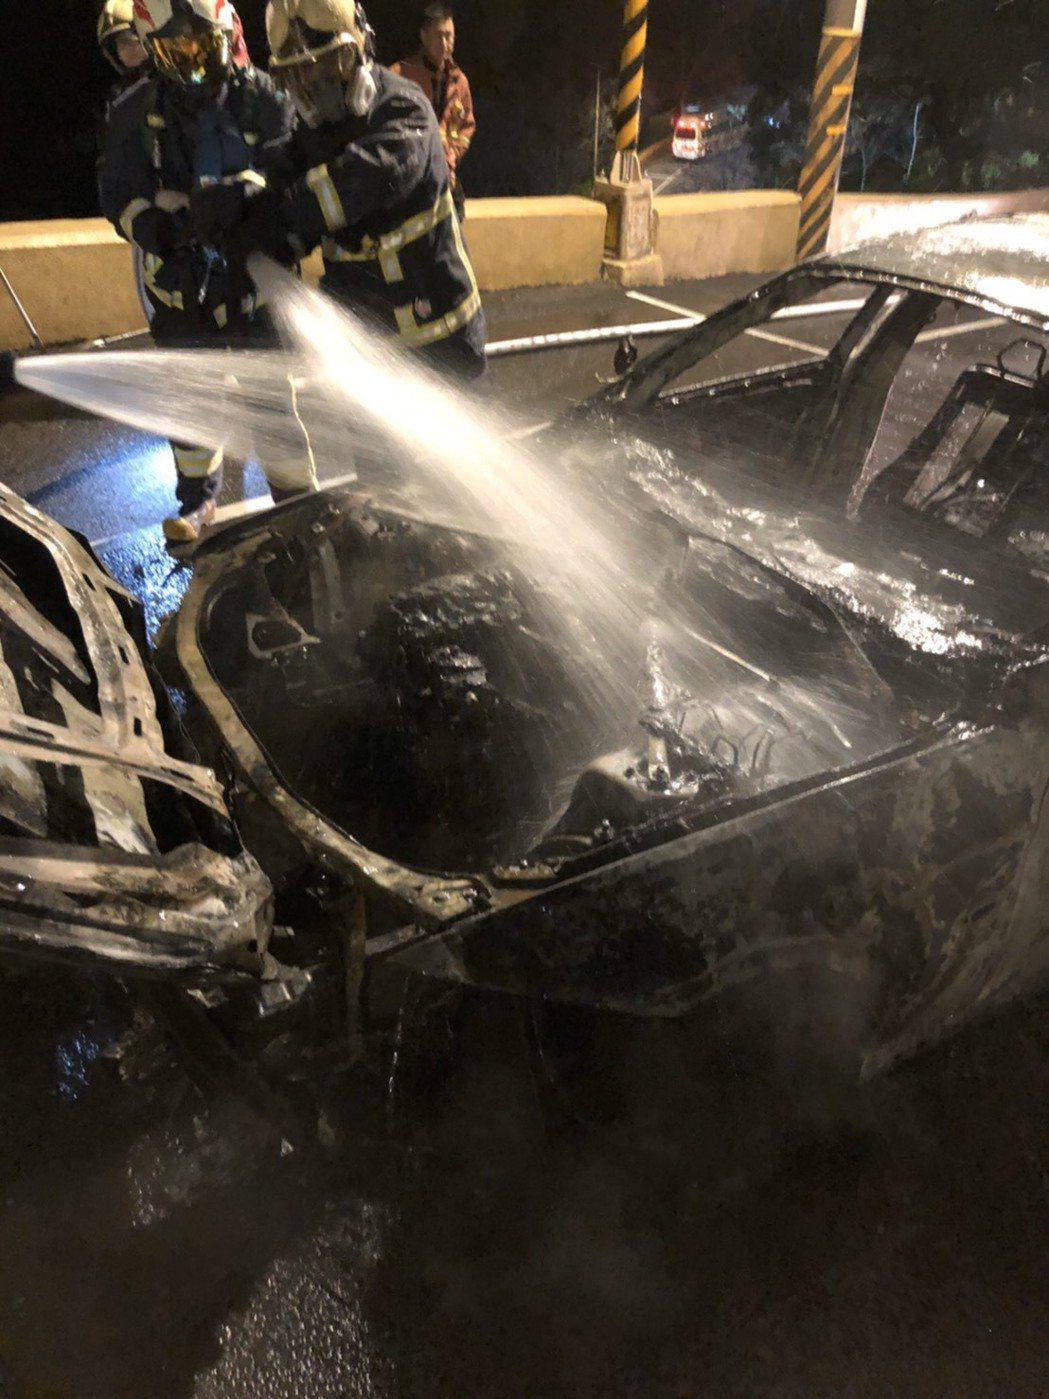 火勢迅速蔓延,造成黃女車輛前方全毀,所幸未波及其他民眾。記者柯毓庭/翻攝